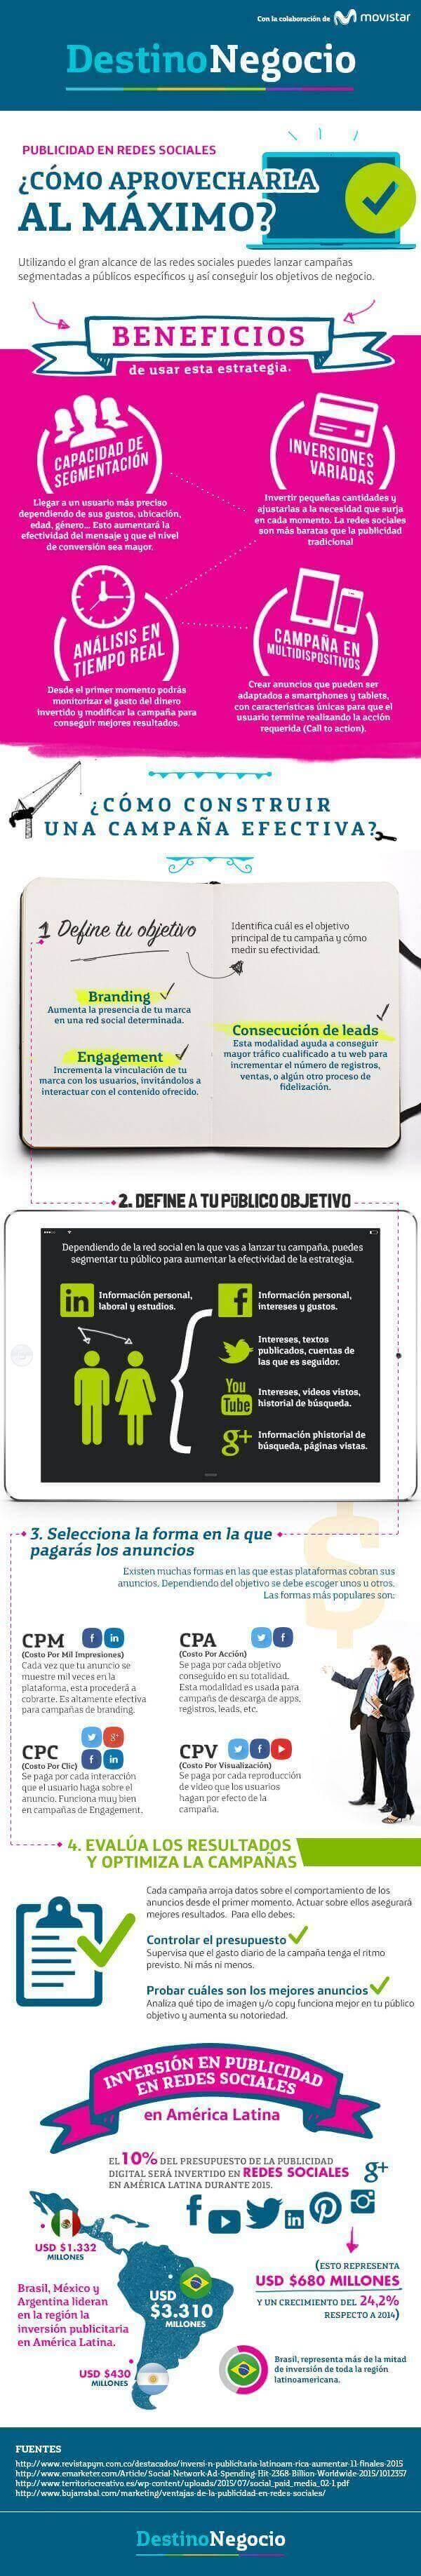 XXConsejos para hacer publicidad en redes sociales